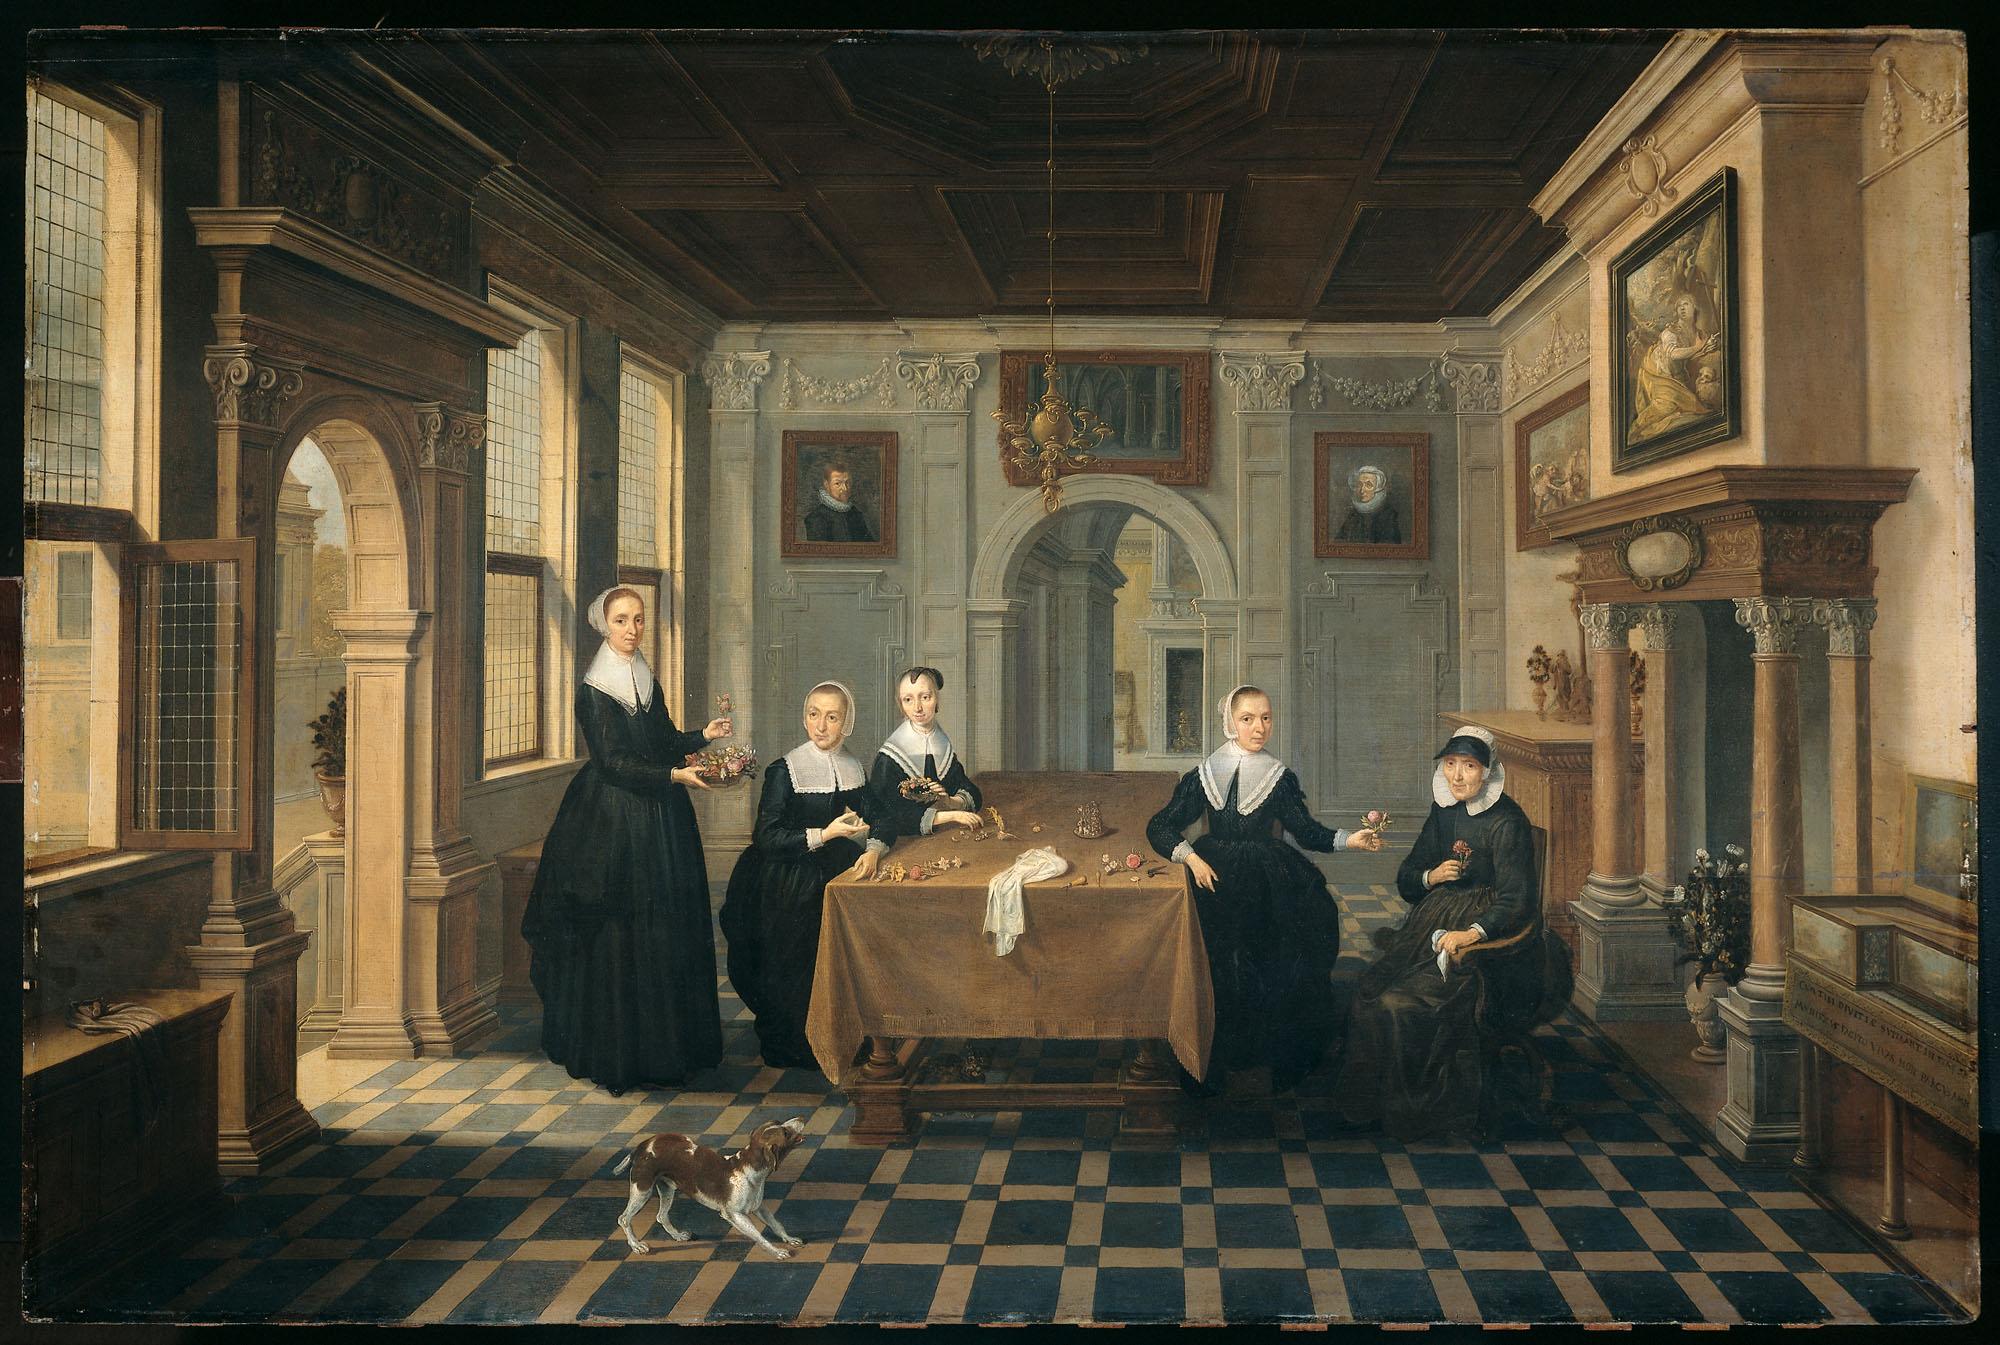 Interieur met vijf dames - Geheugen van Nederland